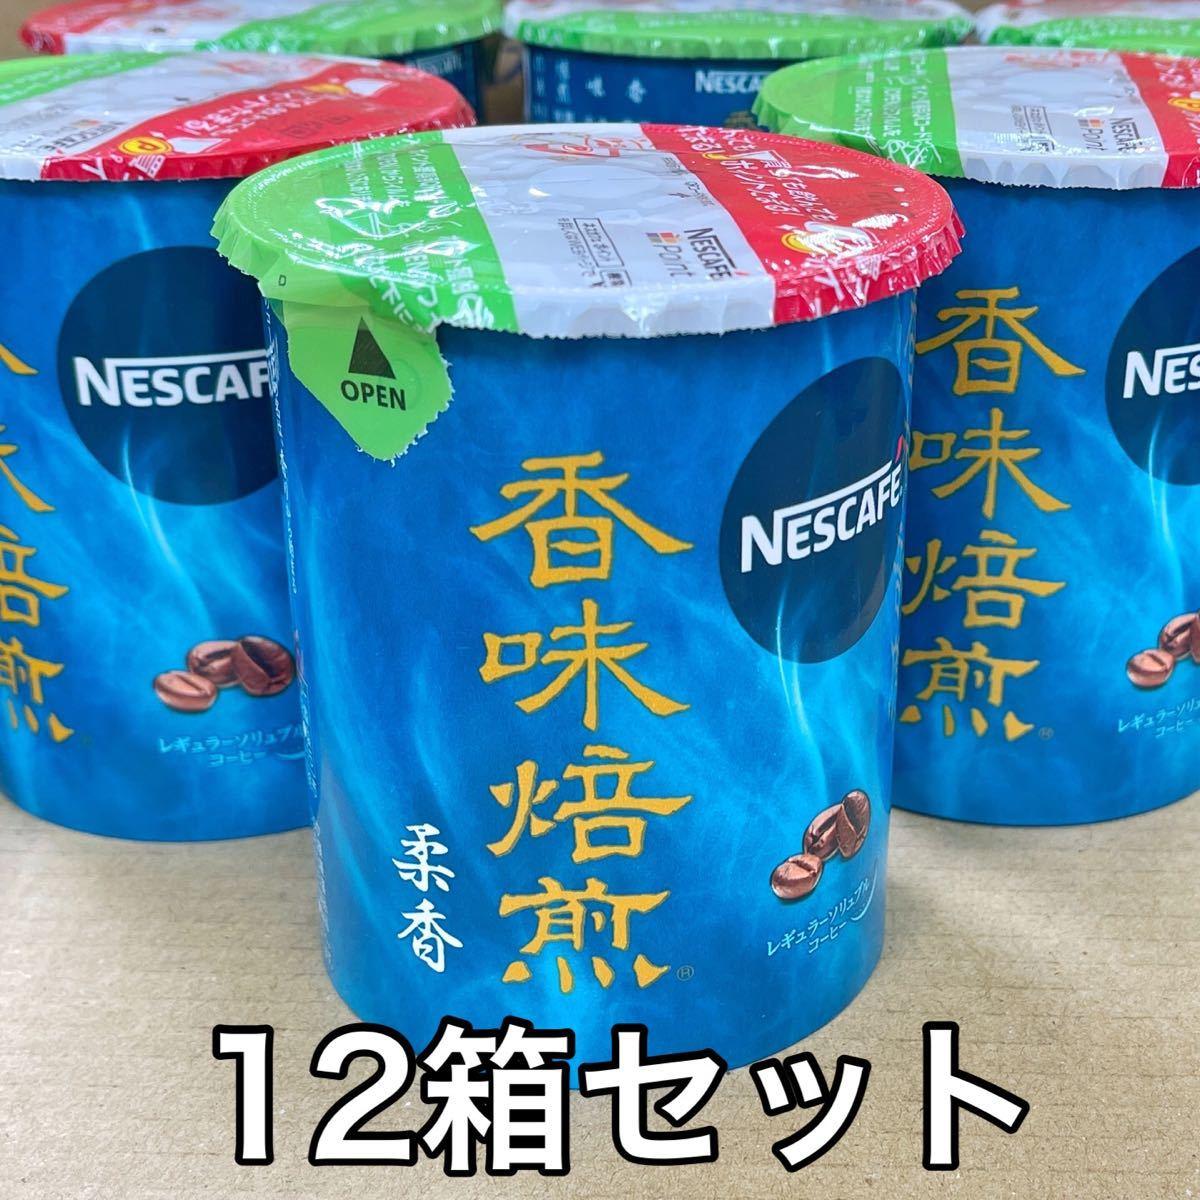 ネスカフェ Nescafe 香味焙煎 柔香 12個セット コーヒー カフェ バリスタ ゴールドブレンド ネスレ